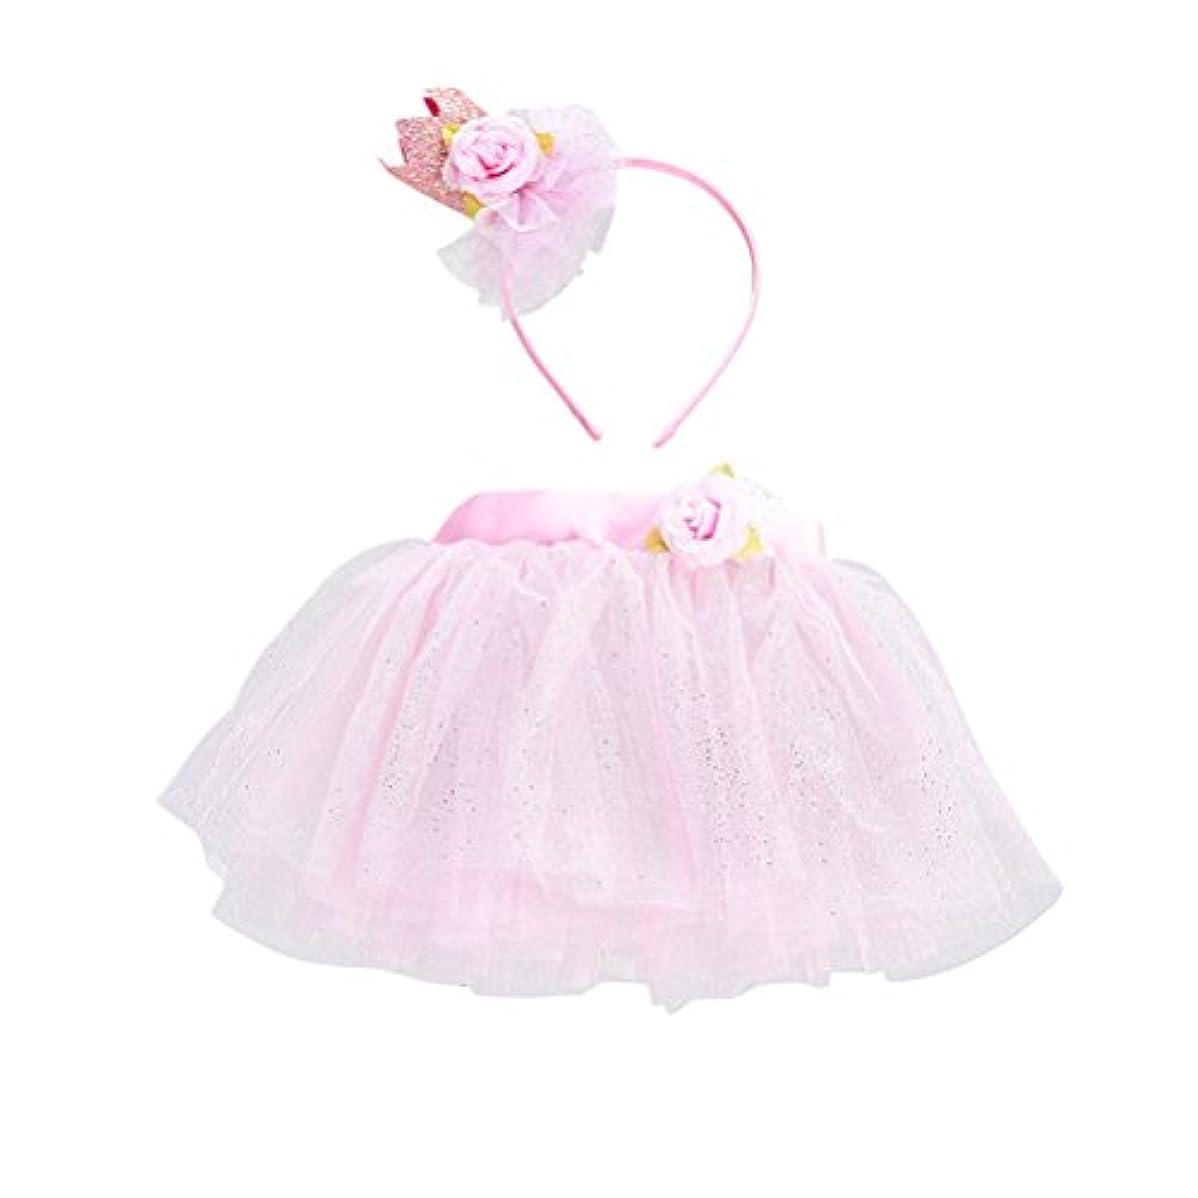 綺麗なカンガルー実行可能LUOEM 女の子TutuスカートセットヘッドバンドプリンセスガールTutu服装Baby Girls Birthday Outfit Set(ピンク)